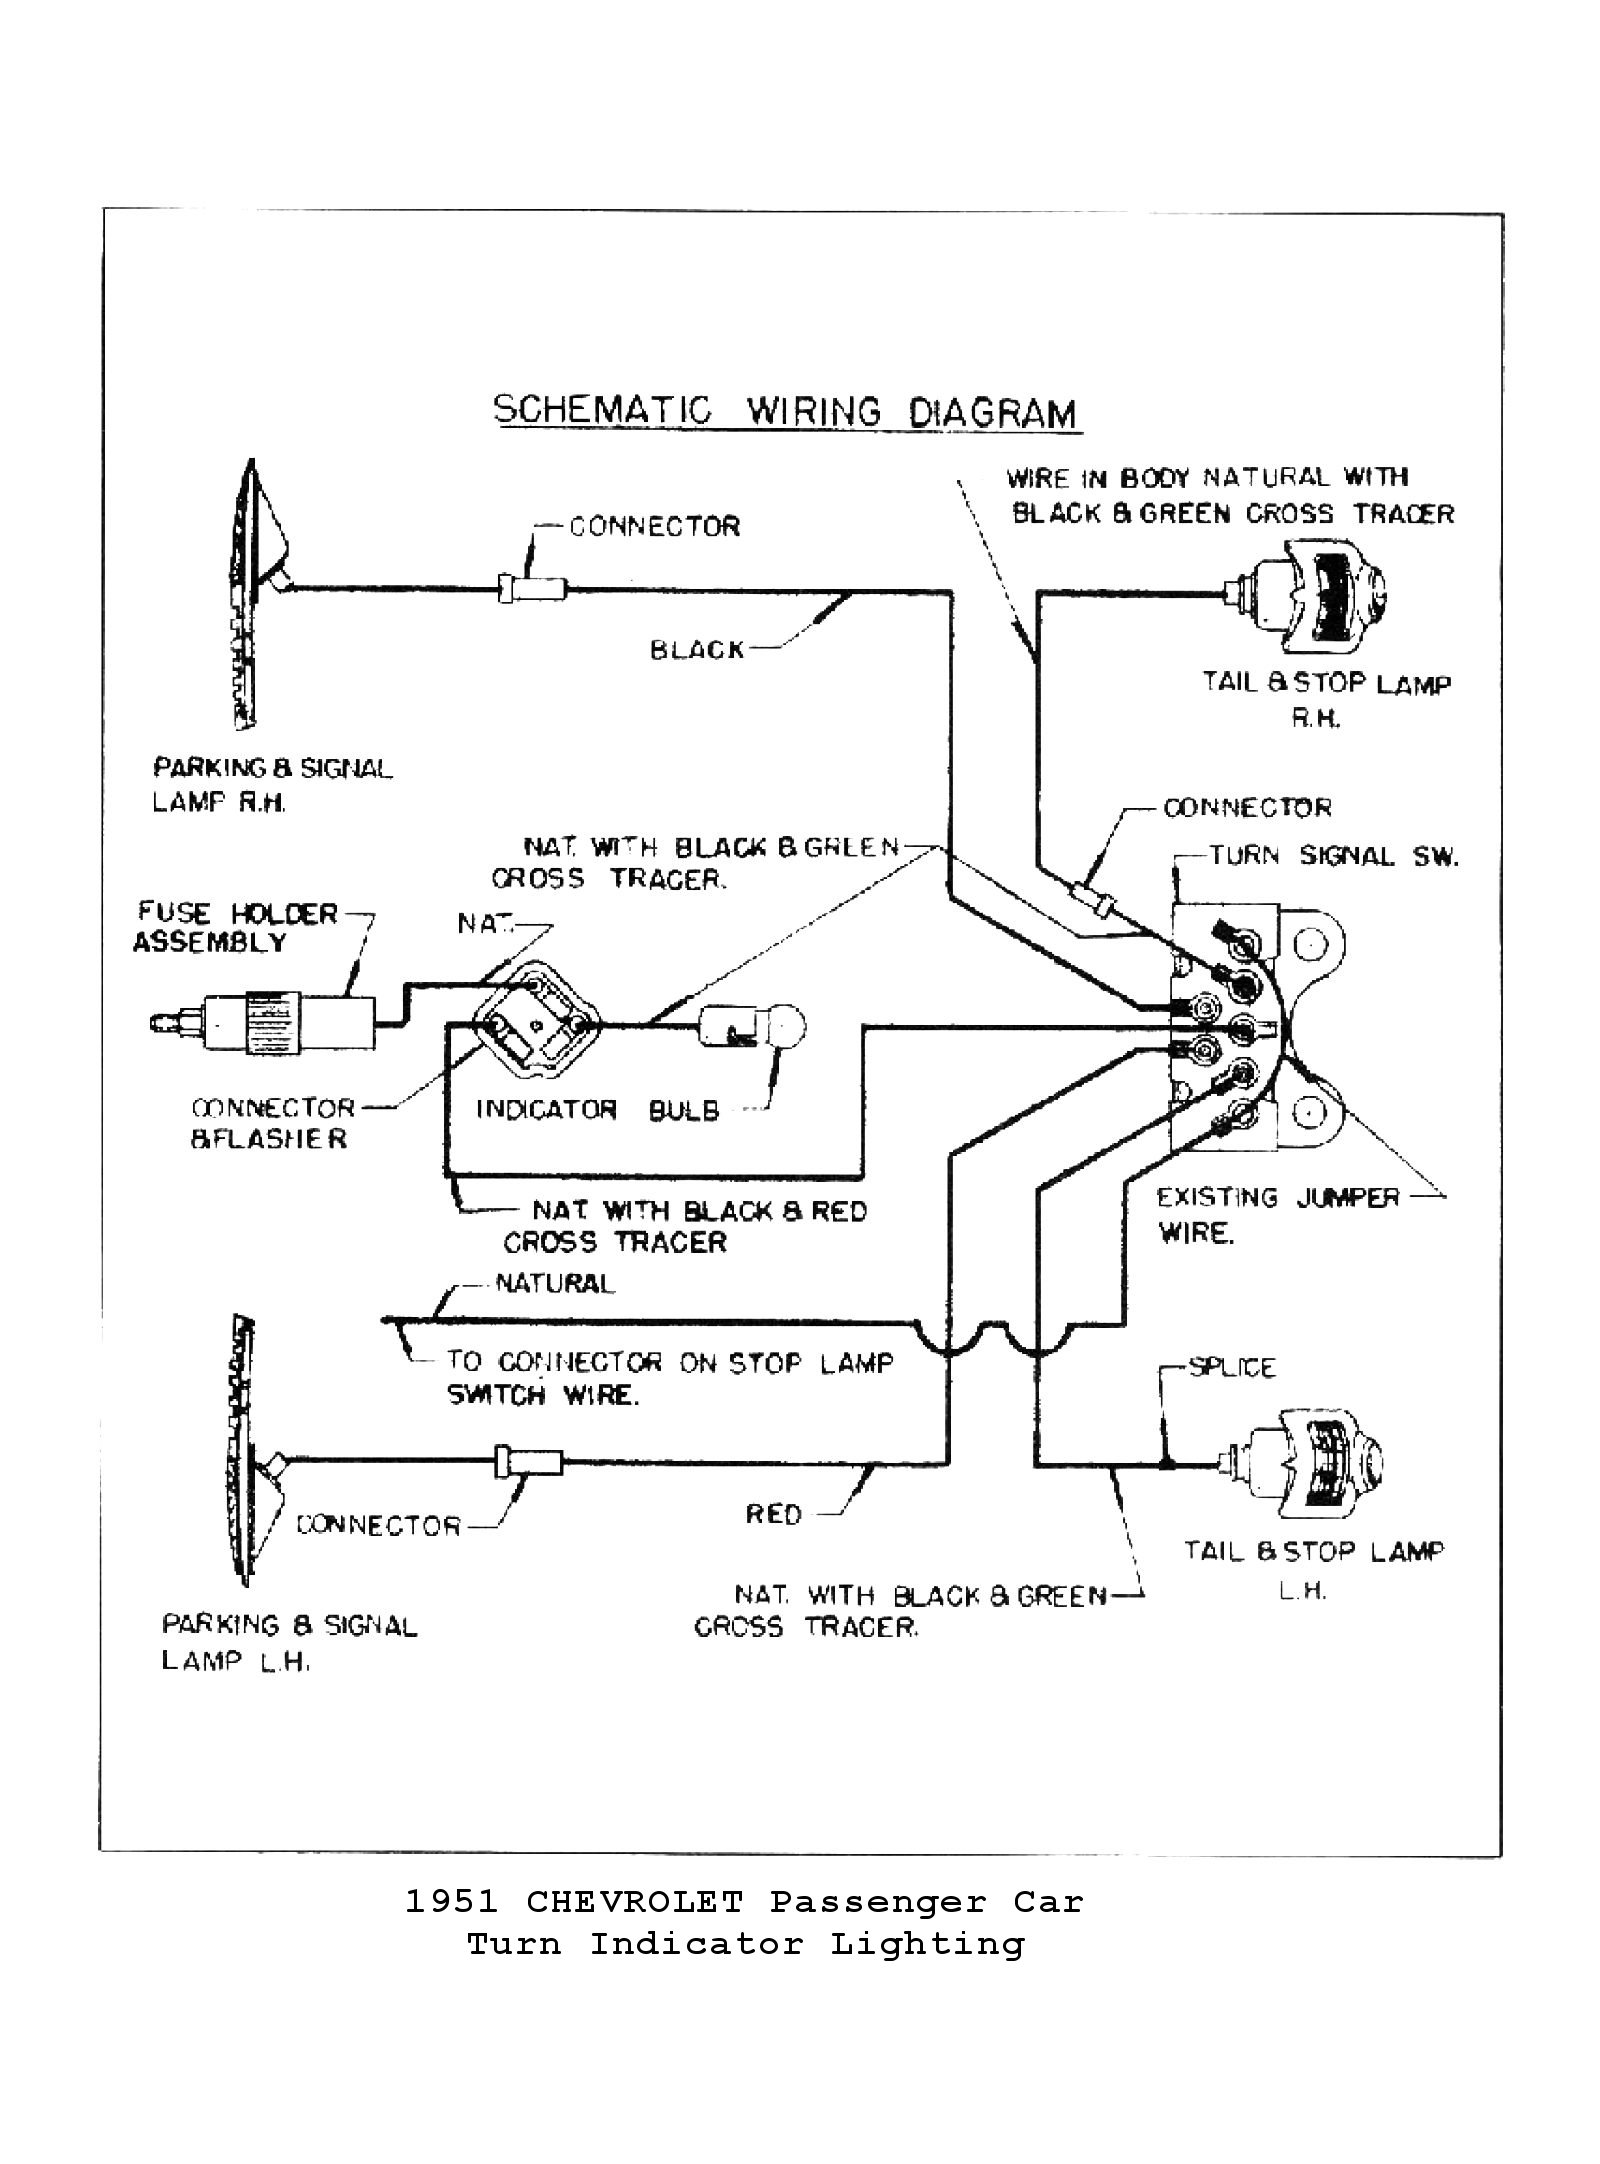 1956 Chevy Truck Ignition Wiring Diagram -Club Car Controller Diagram |  Begeboy Wiring Diagram SourceBegeboy Wiring Diagram Source